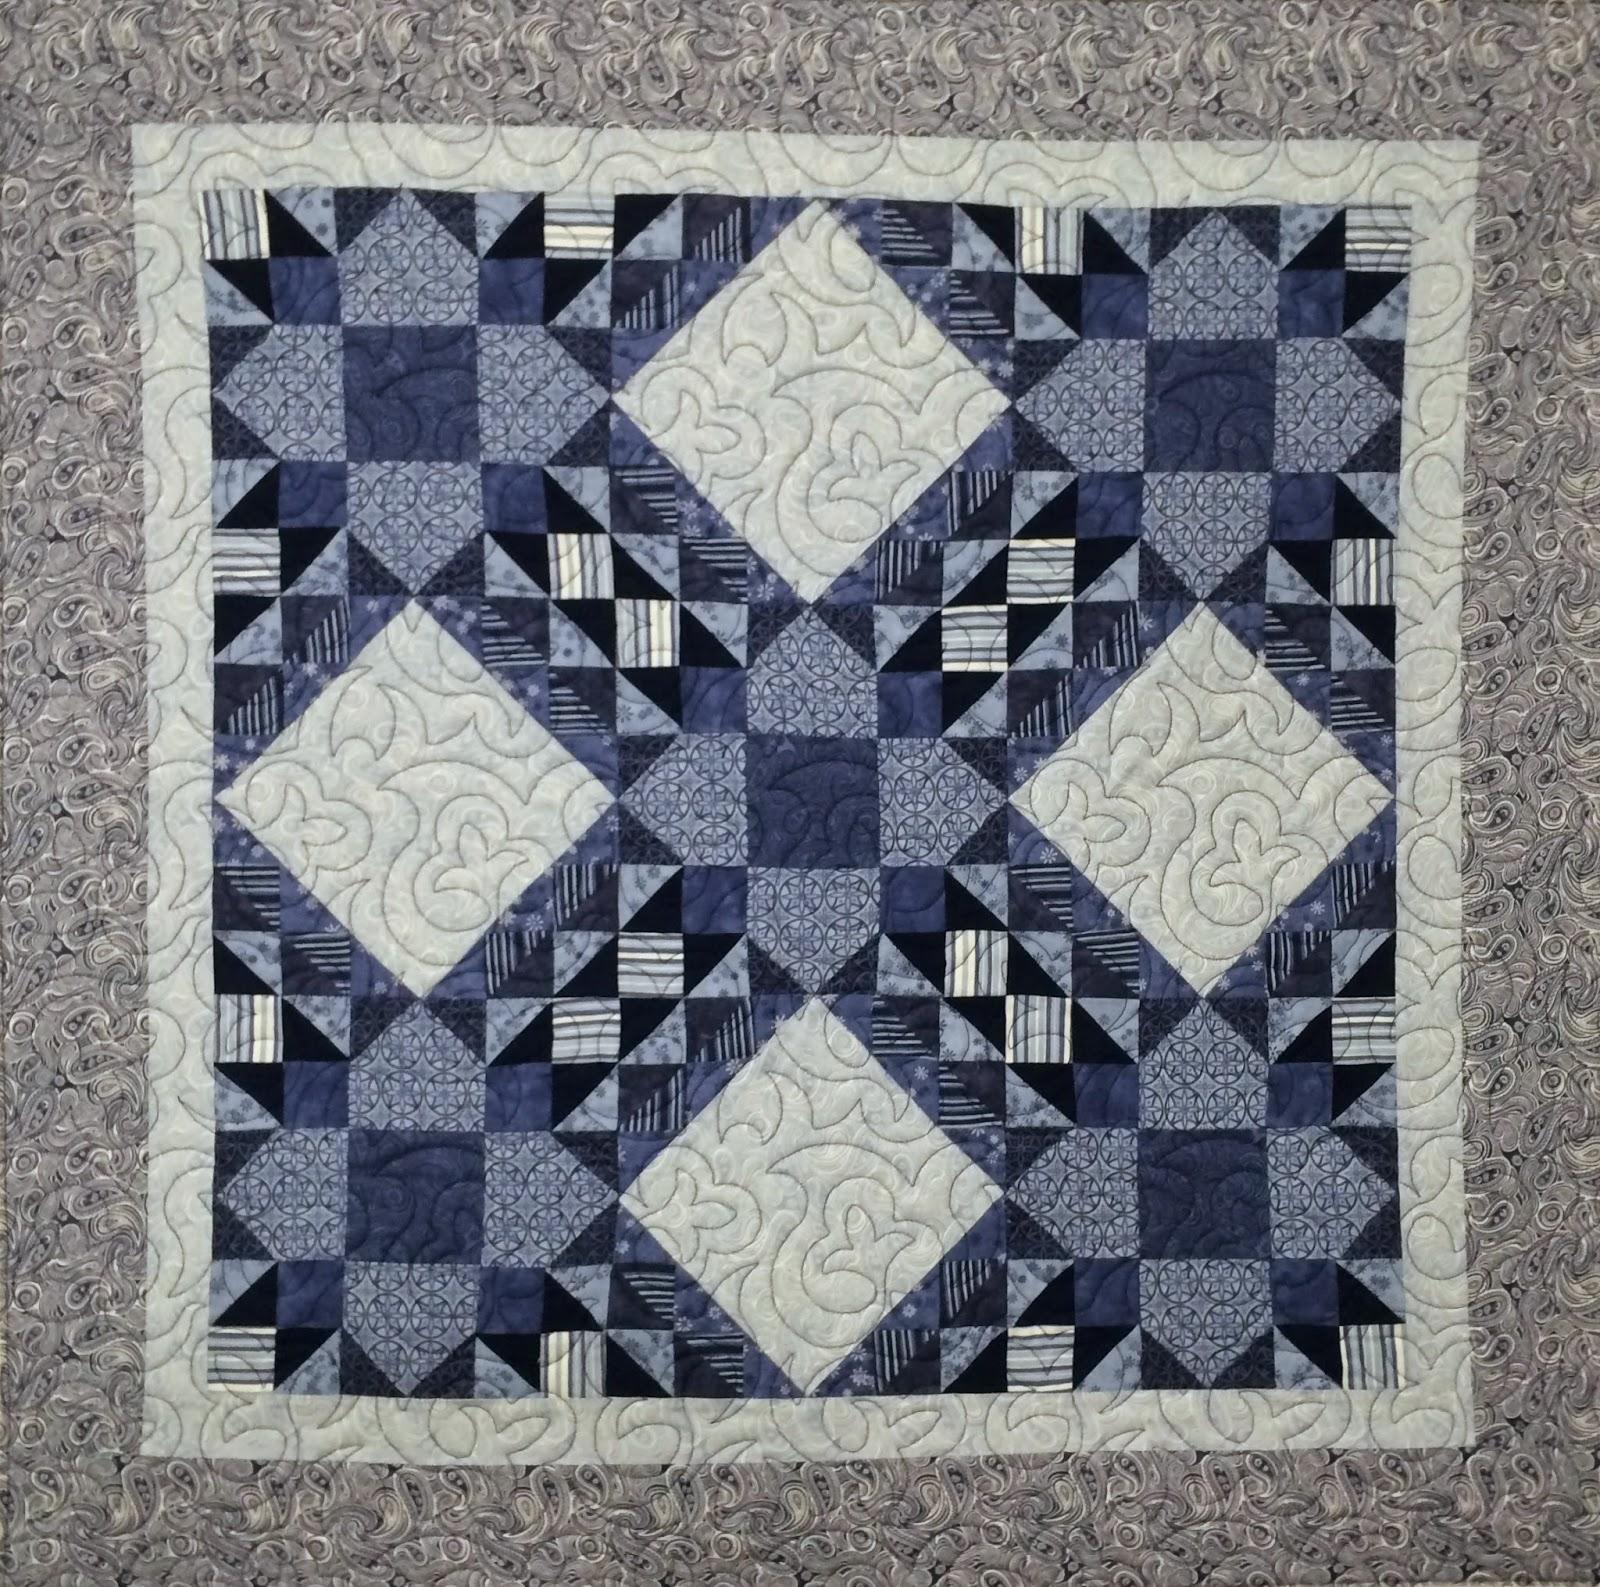 Charlene Lancaster's Quilt